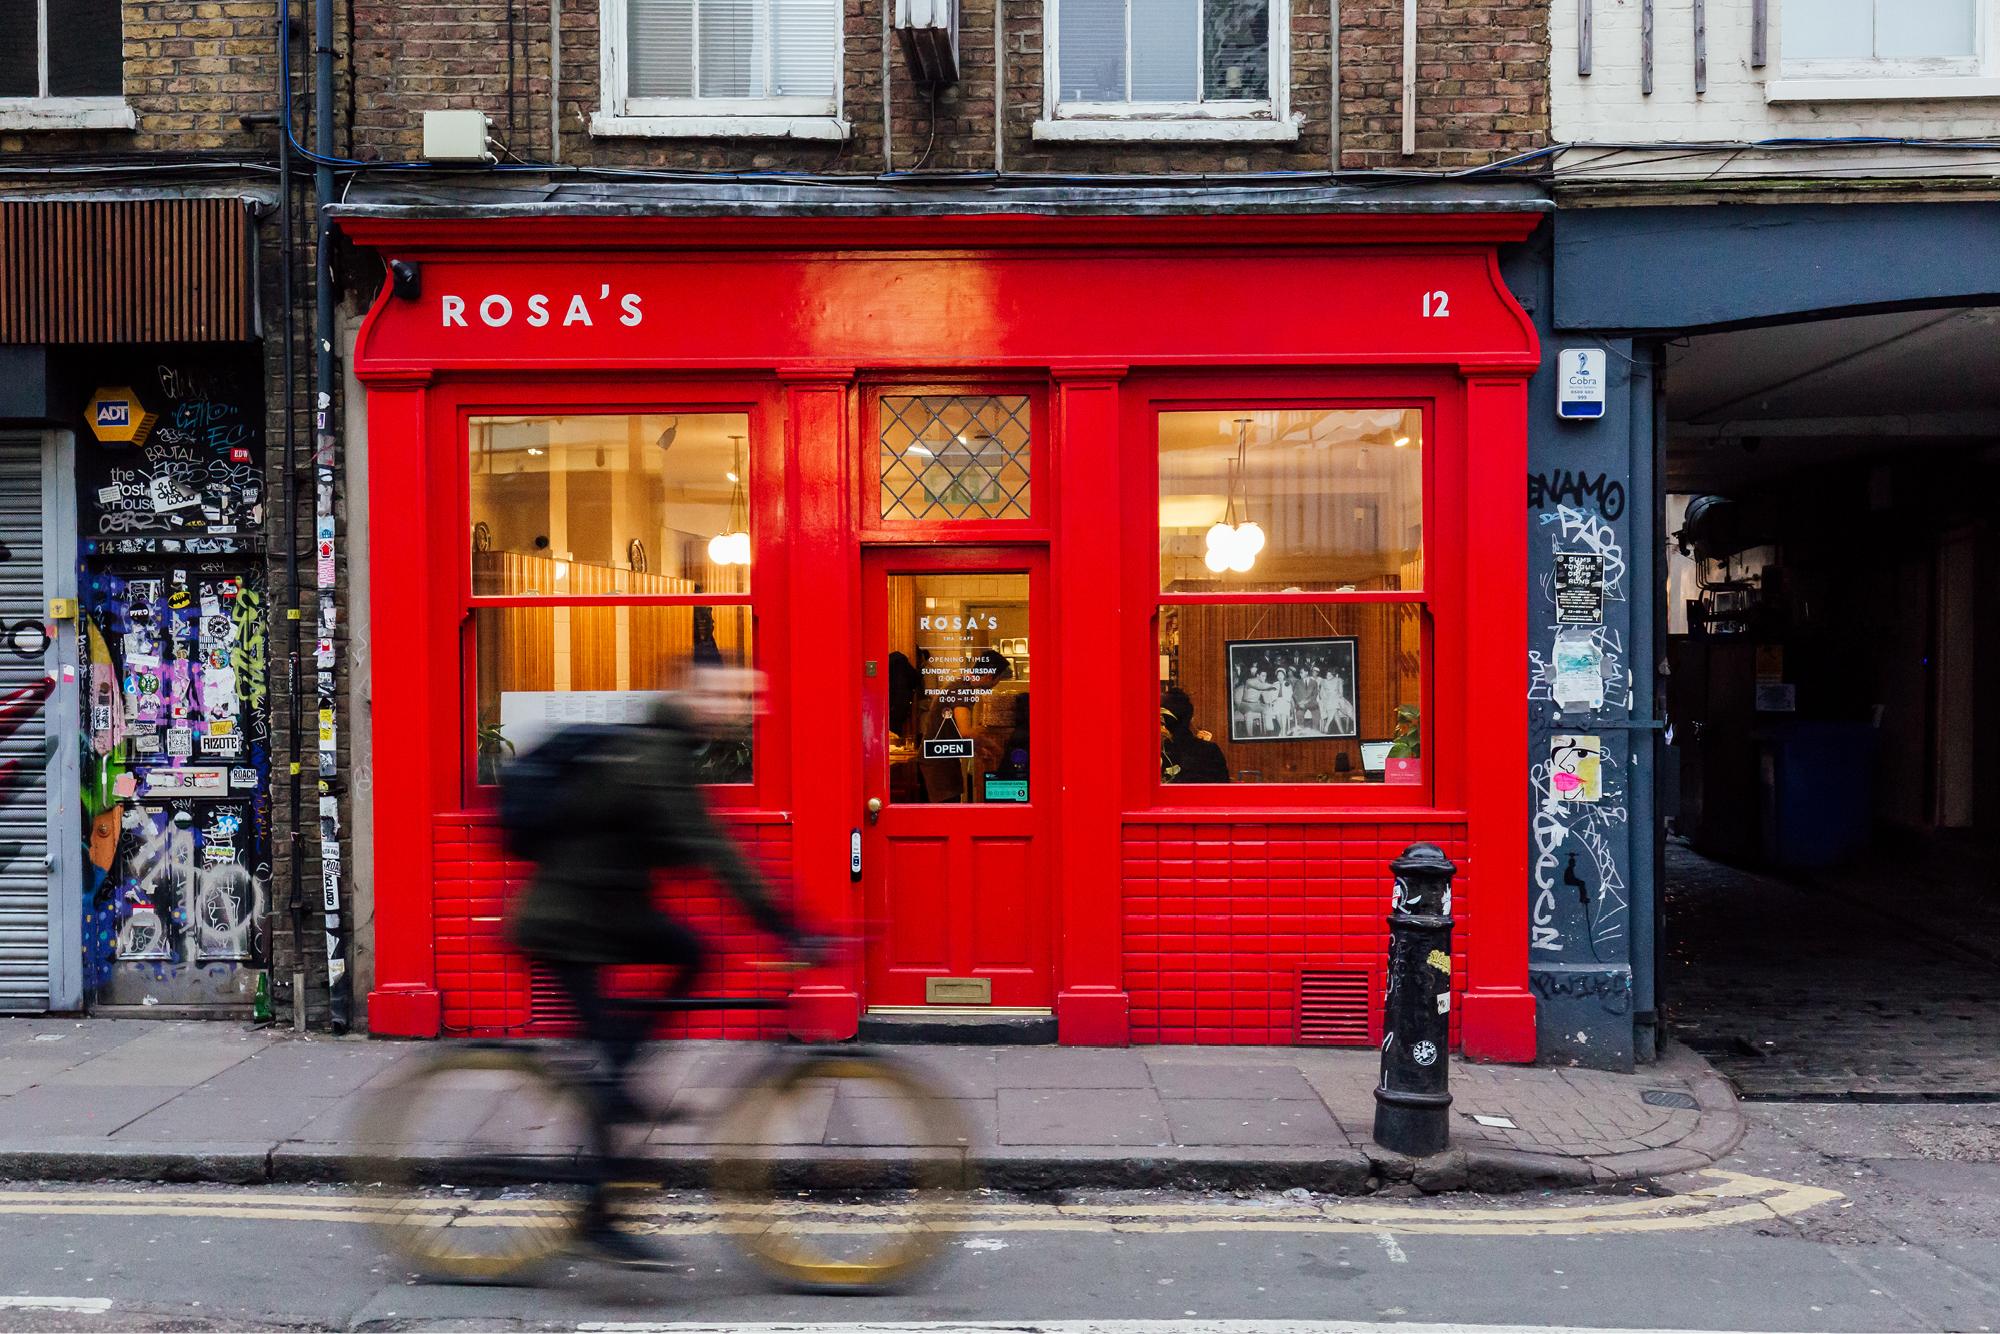 Rosa's Thai Cafe in Spitalfields